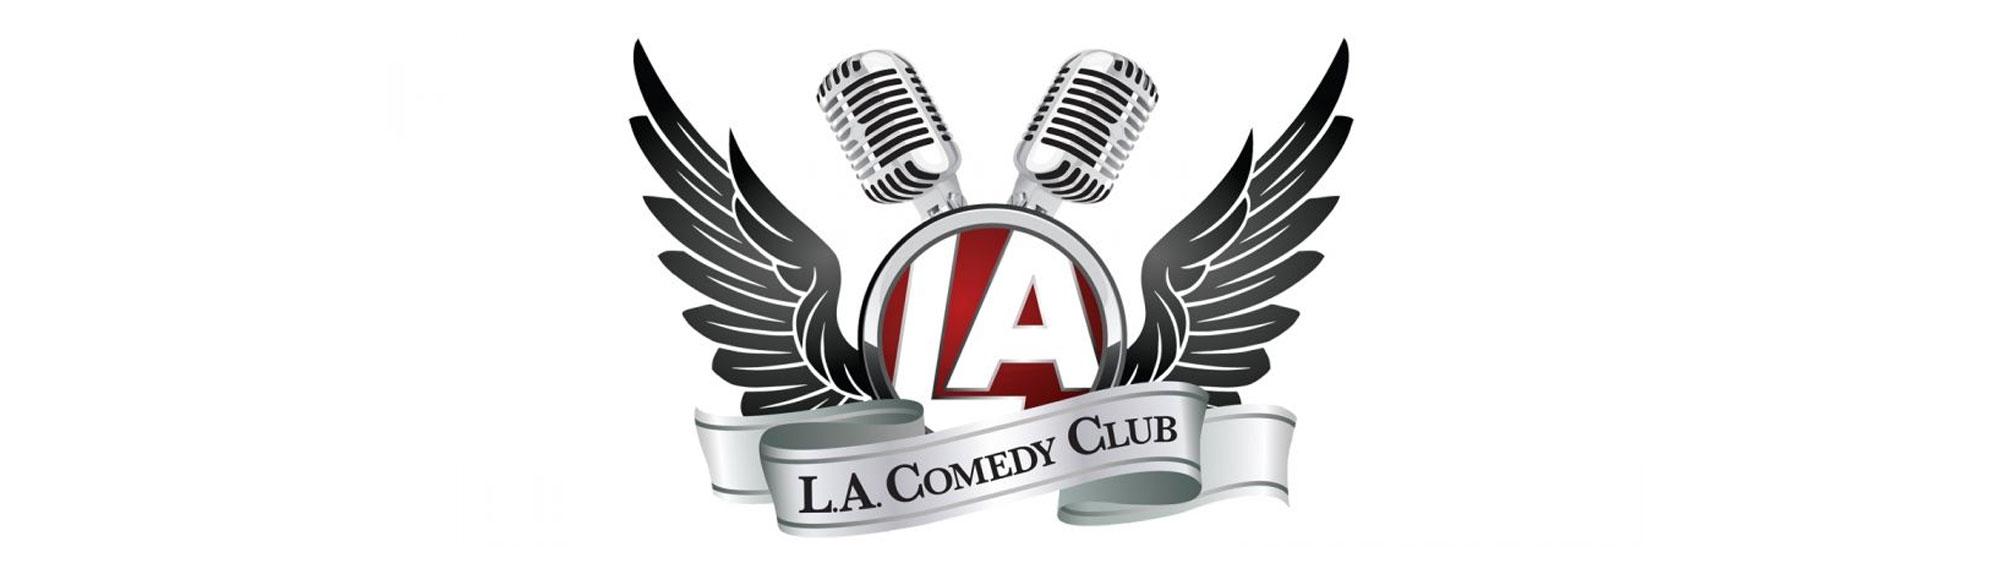 LA Comedy Club show